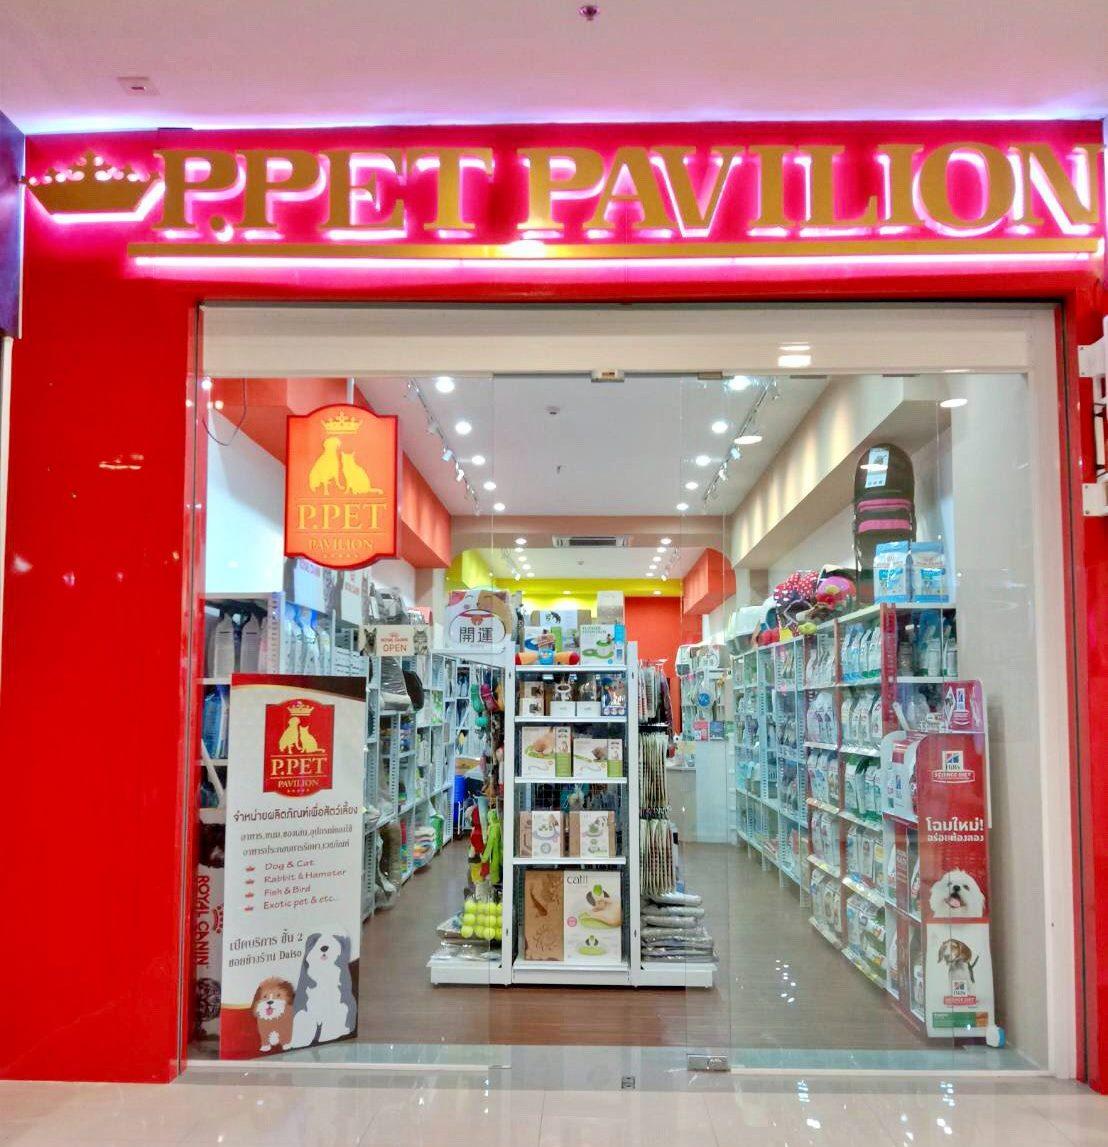 เซ้ง‼️ Pet shop สาขาราชพฤกษ์ นนทบุรี @ศูนย์การค้า The Crystal SB Ratchapruek